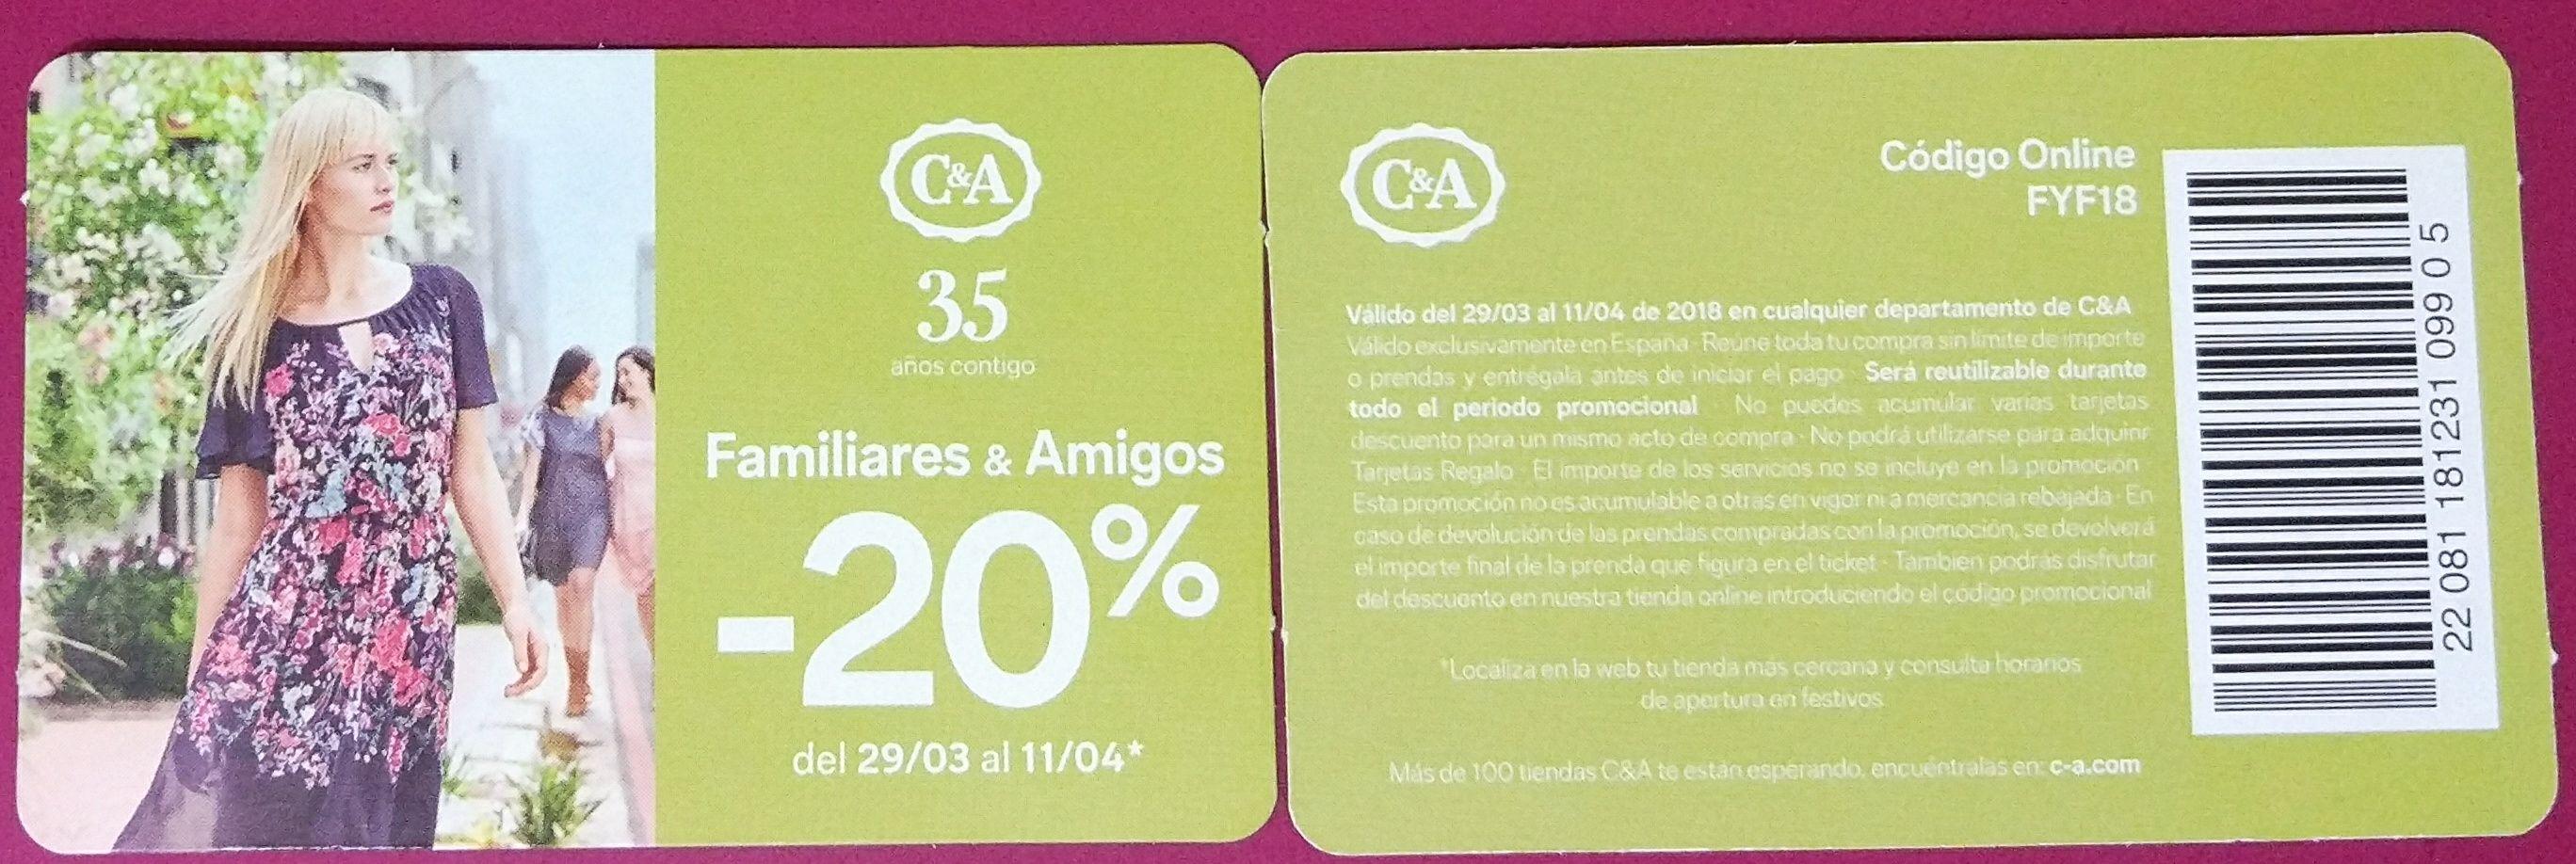 20% descuento en C&A (tienda y online)